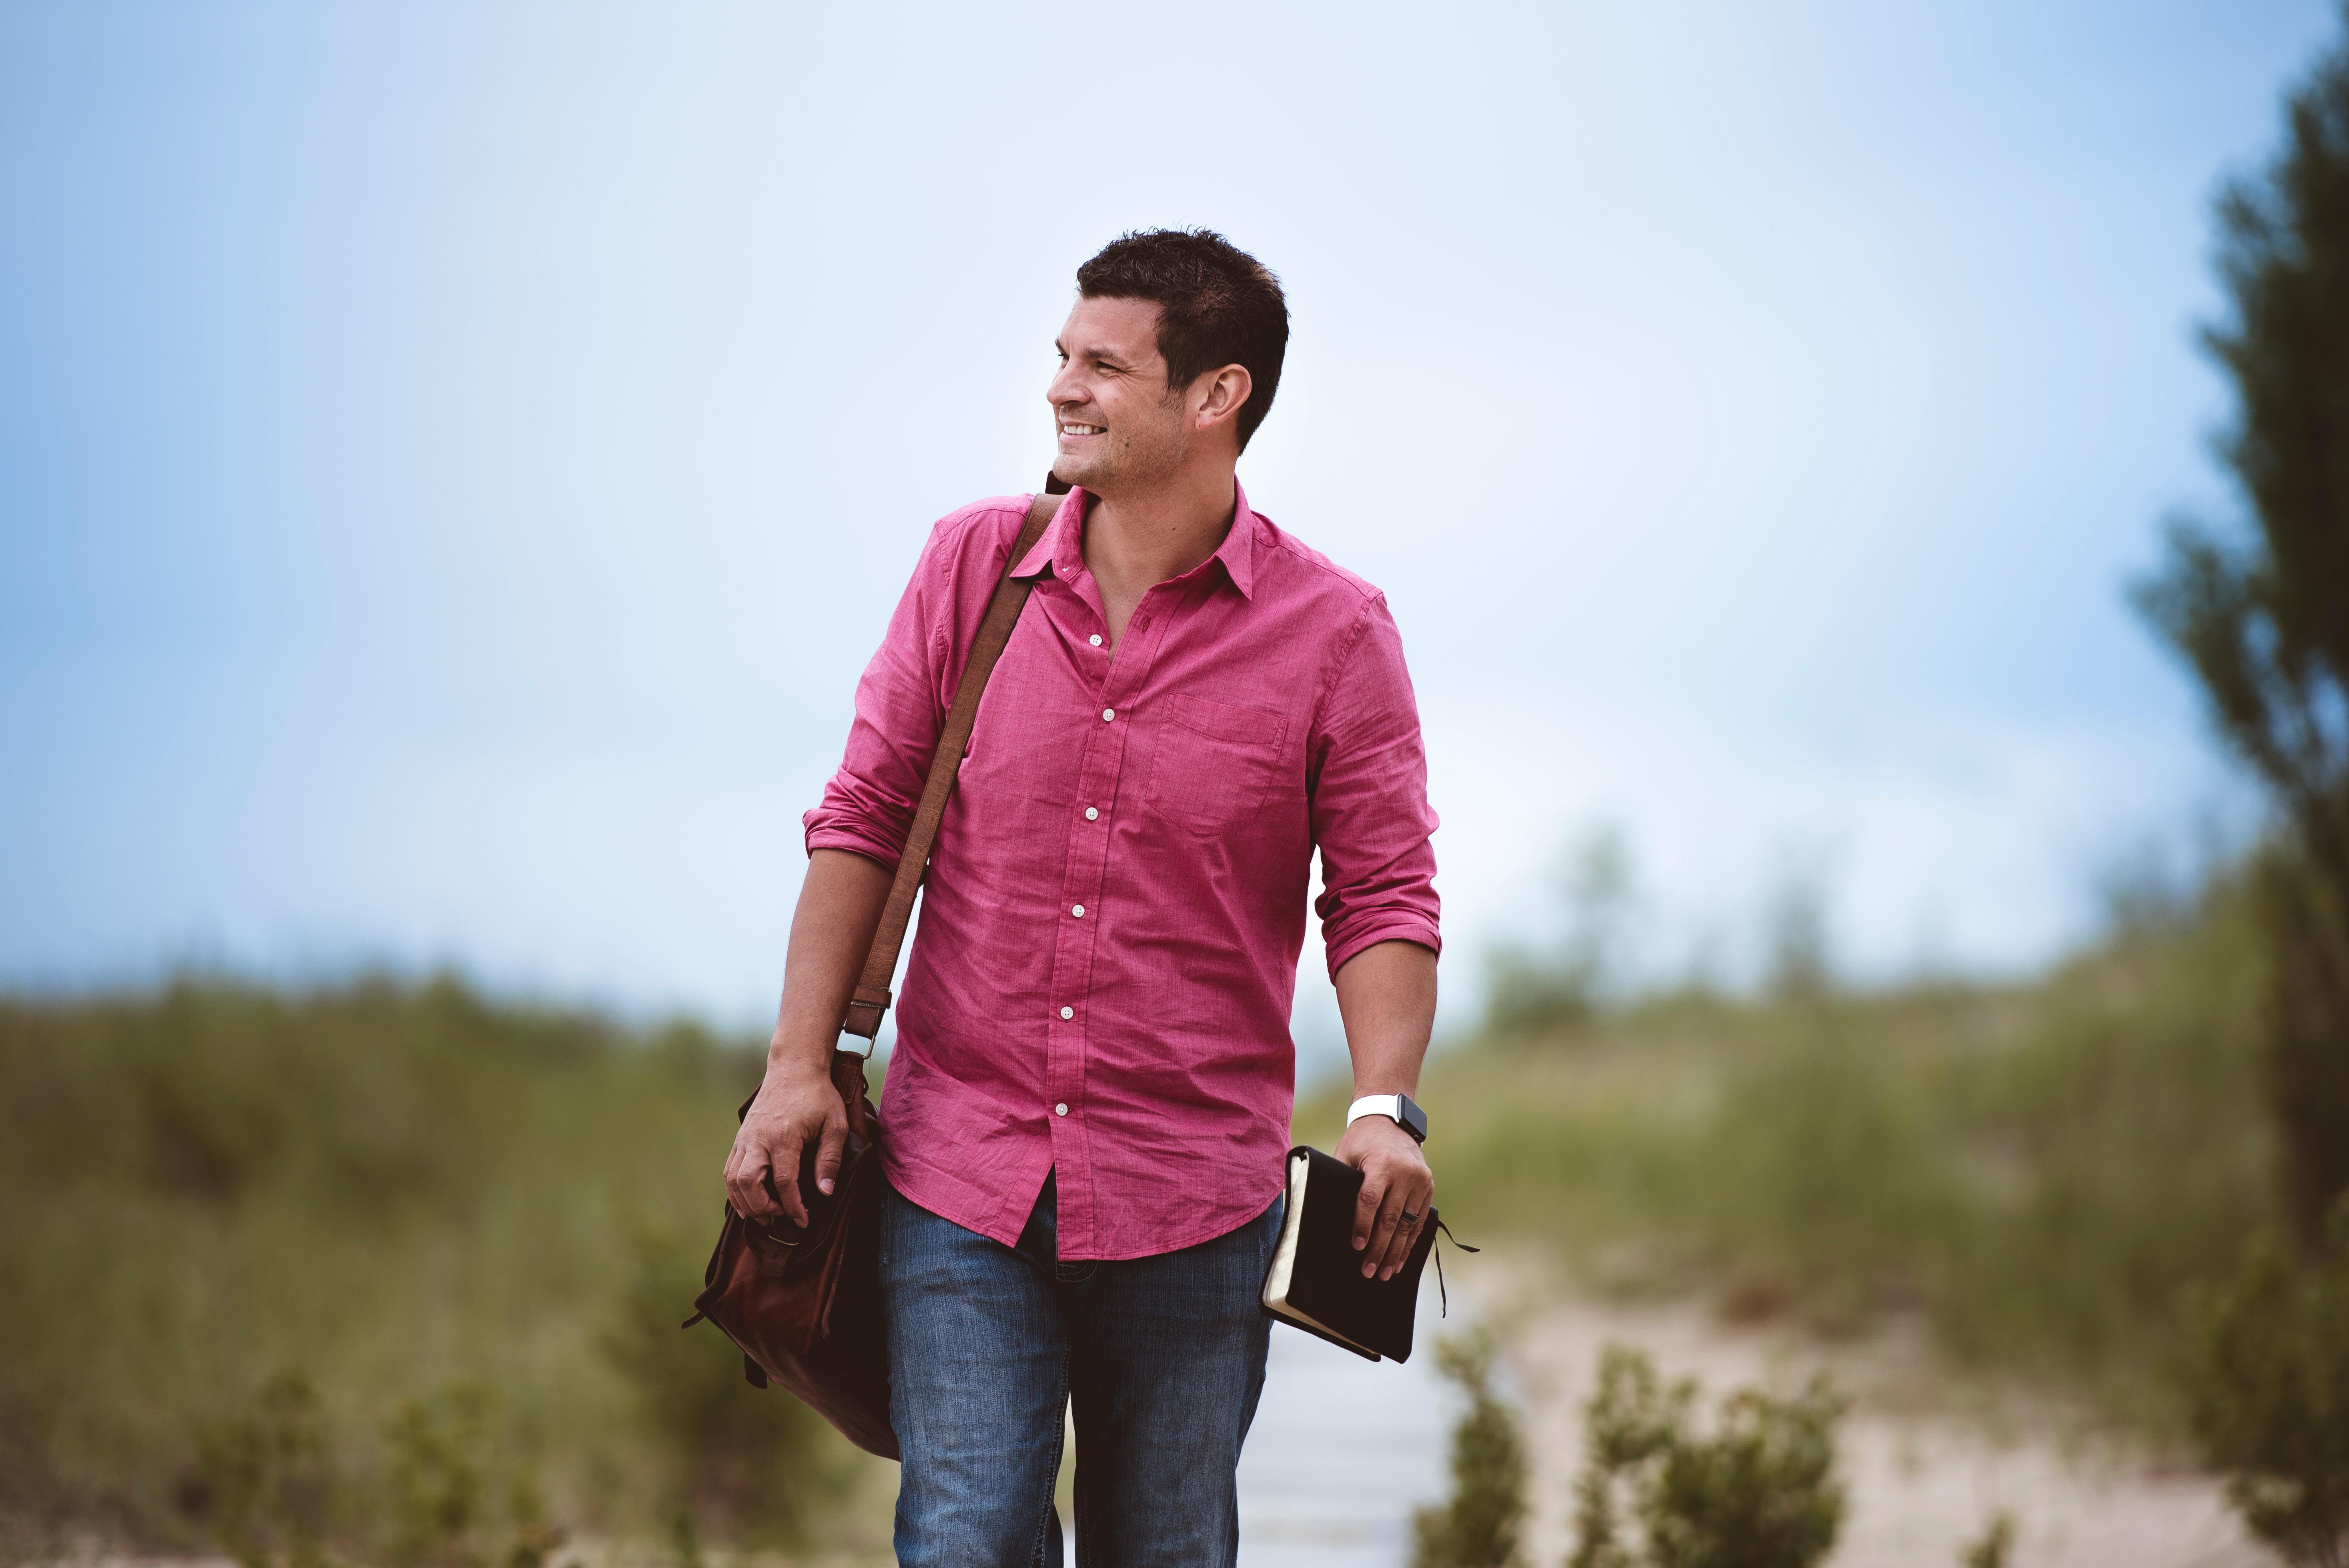 dude in pink shirt walking